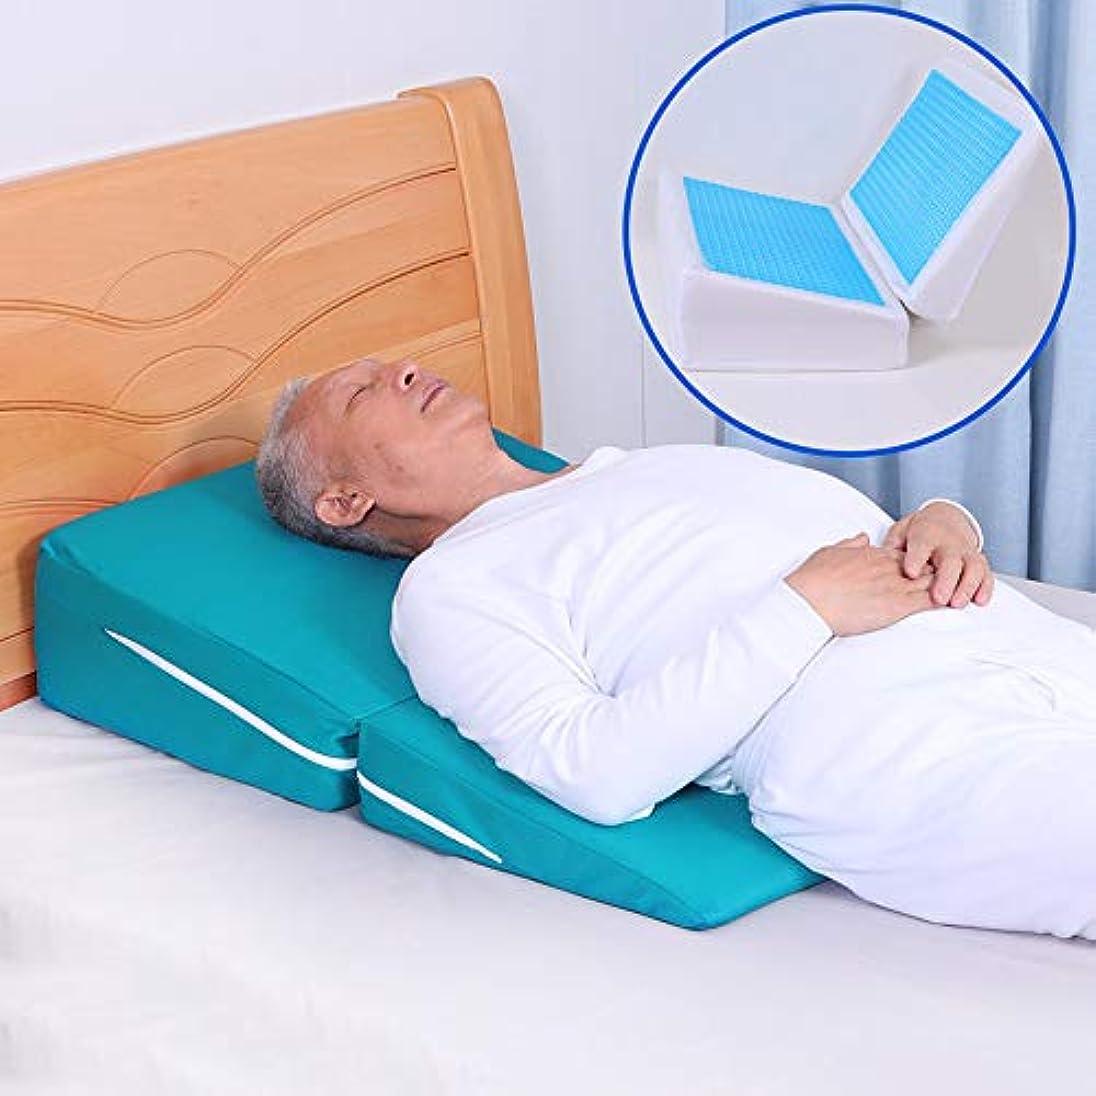 高さ過度の逆いびき防止、ハートバーン、読書、腰痛、腰痛のための折りたたみ式メモリフォームベッドウェッジピロー-取り外し可能なカバー付きインクラインクッション